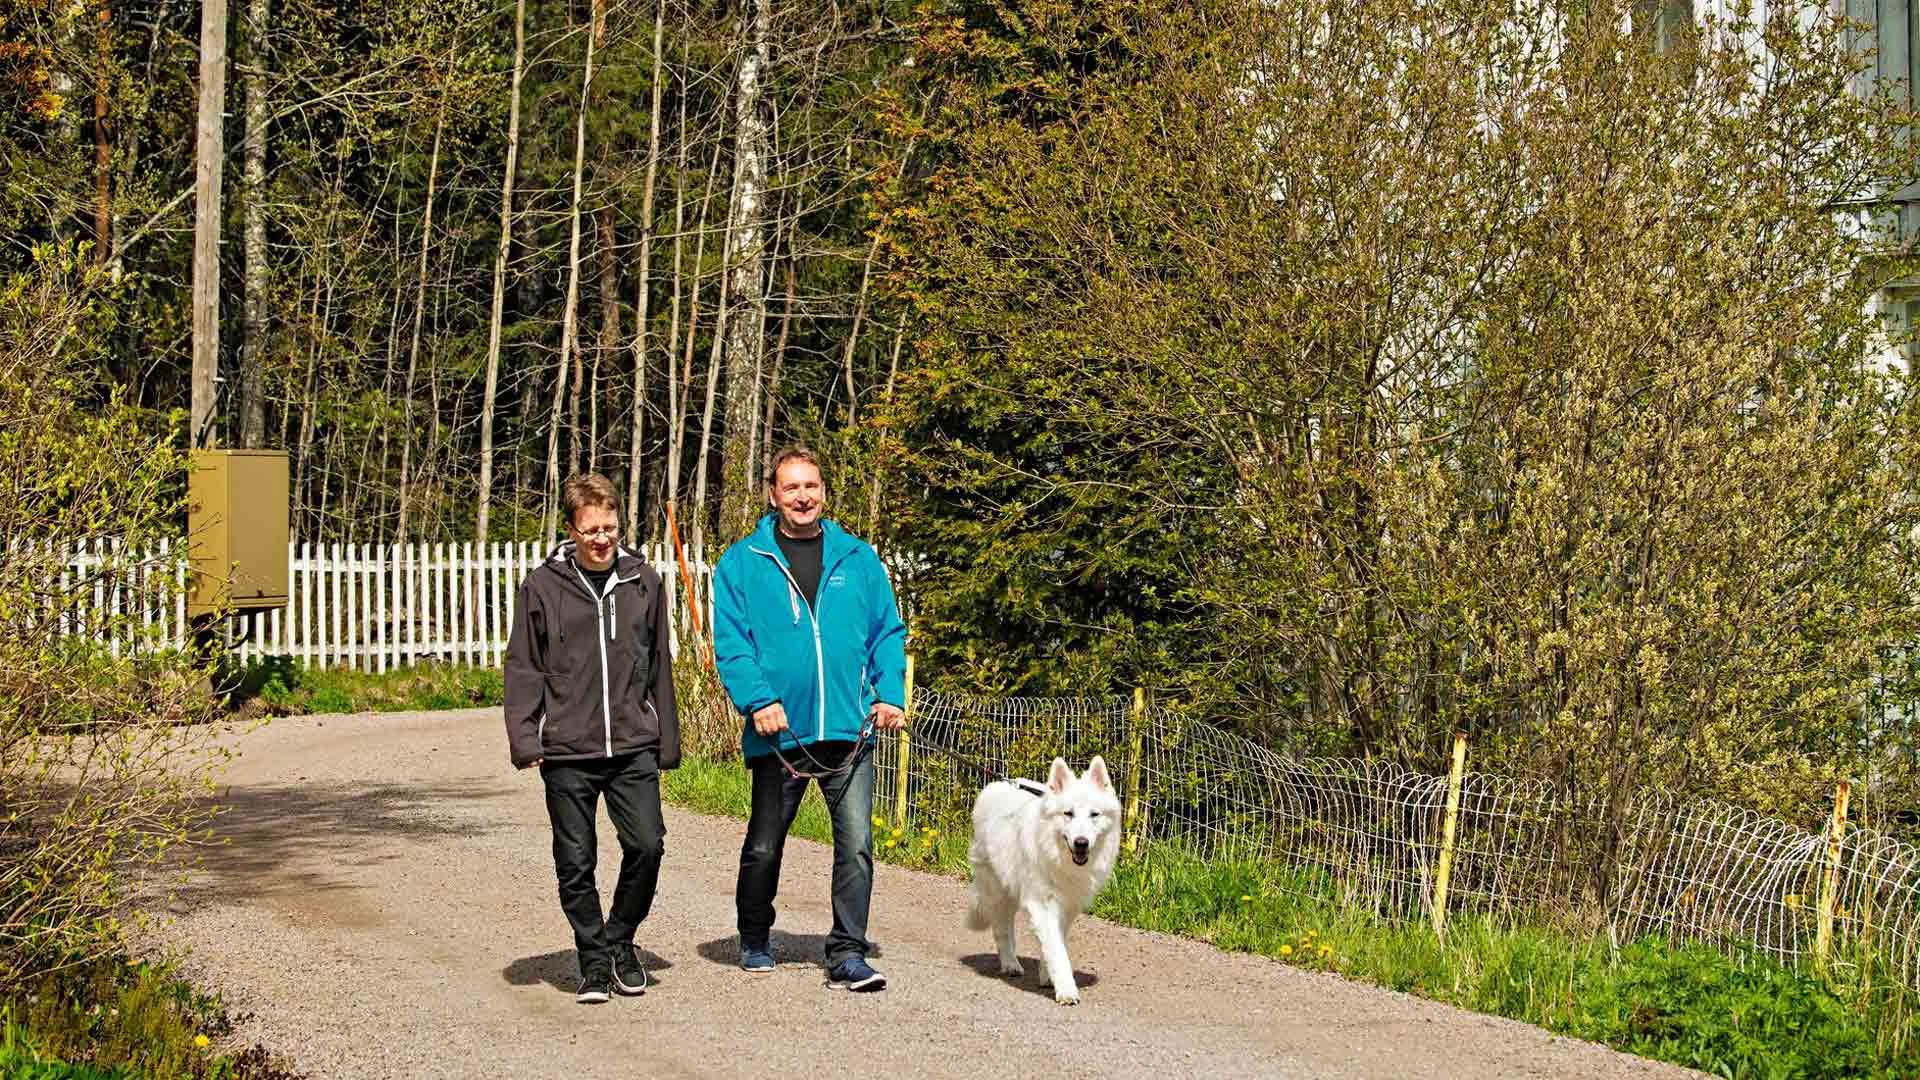 Hiekkainen Eestinkolmion kylänraitti on Janne Oralle ja Kalervo Pellikalle rakasta kävelymaastoa.